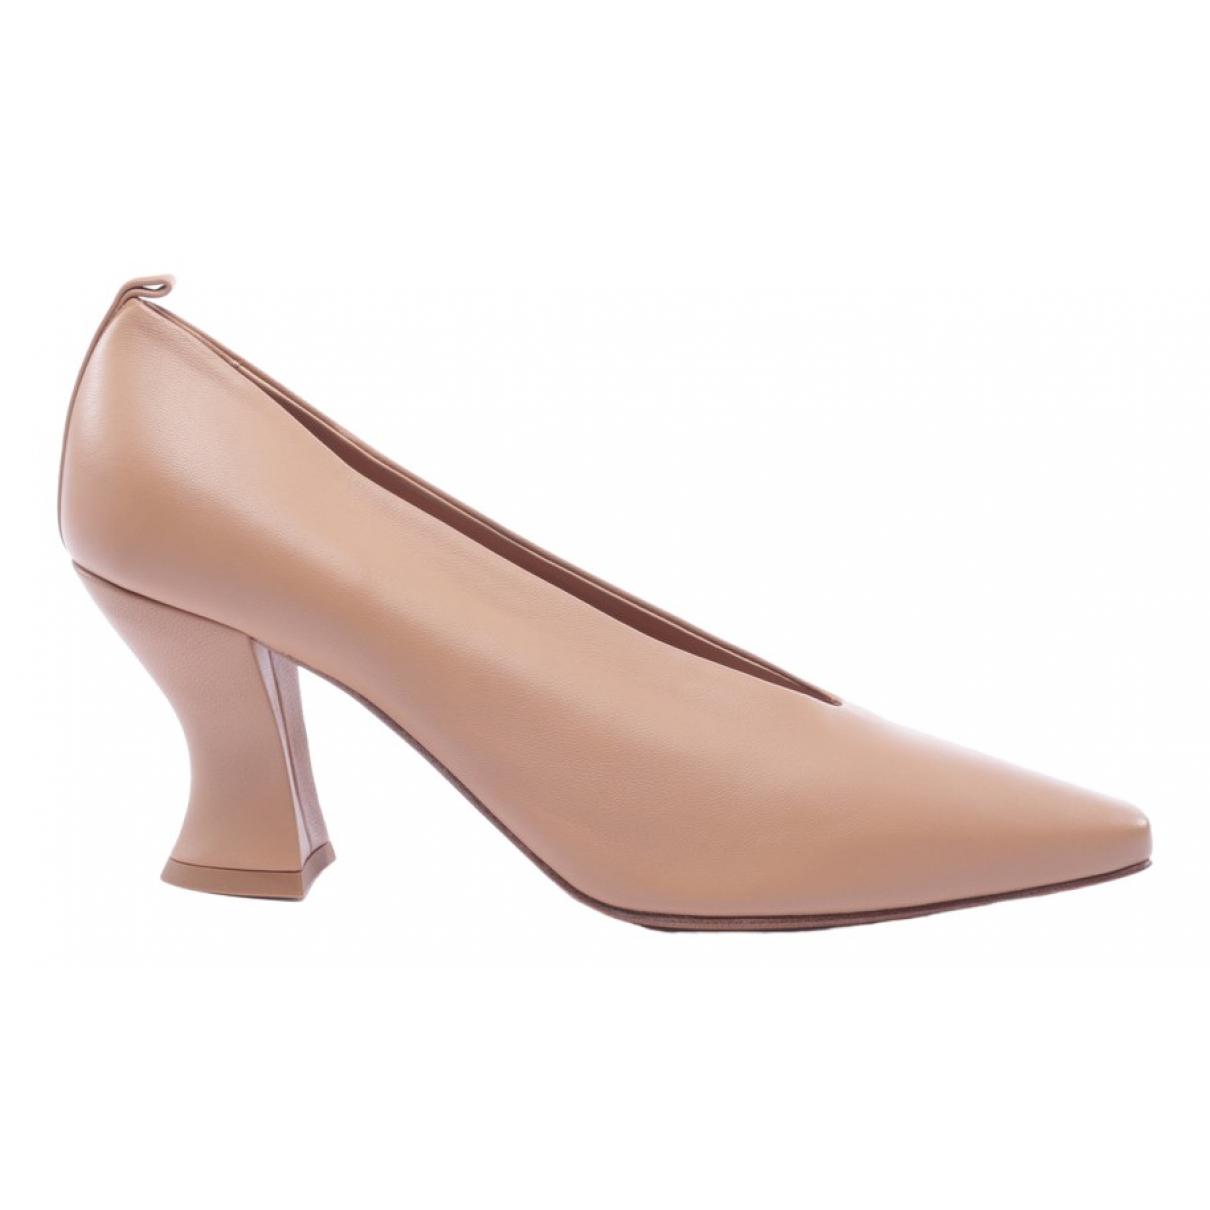 Bottega Veneta \N Beige Leather Heels for Women 39 EU